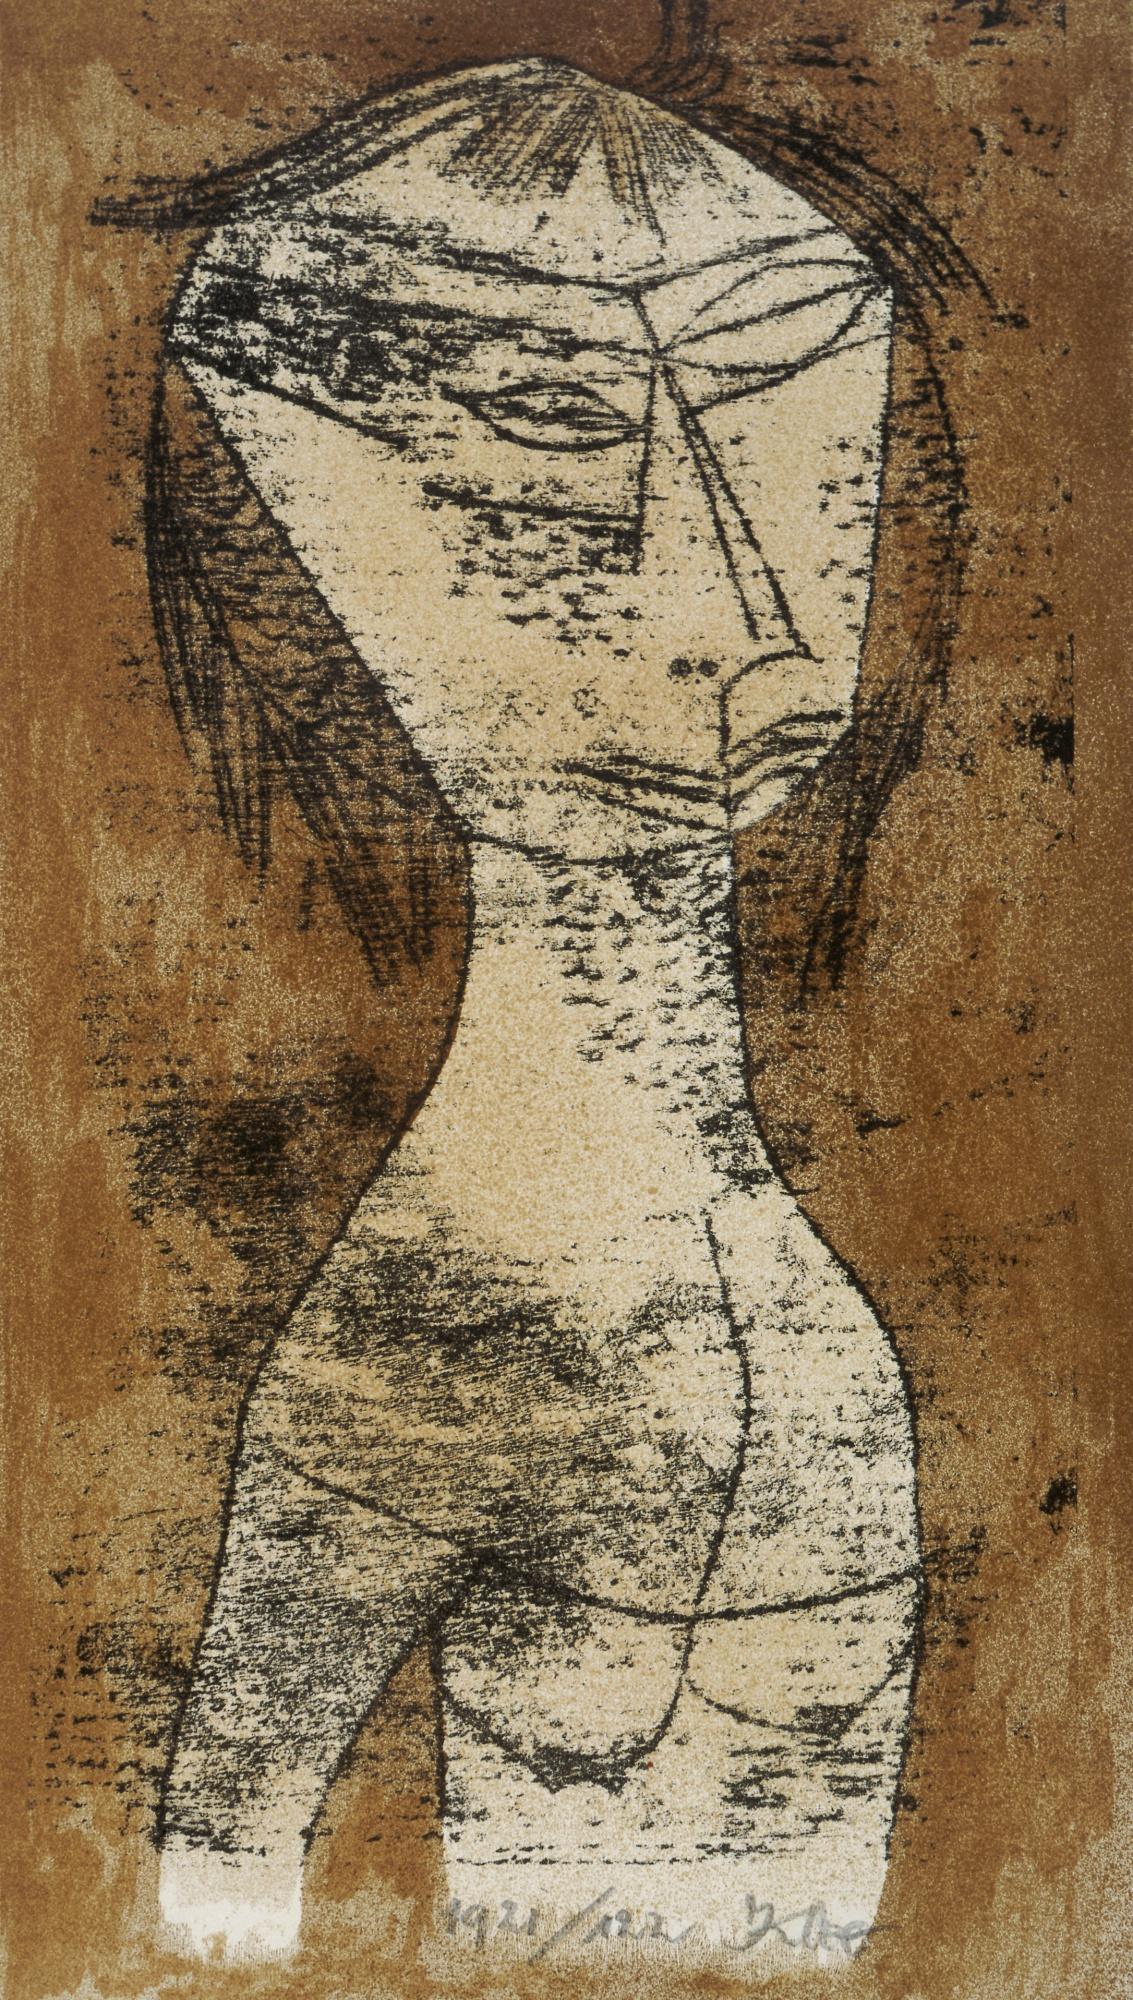 """Paul Klee's """"Saint of Inner Light"""" (Die Heilige vom innern Licht) 1921"""